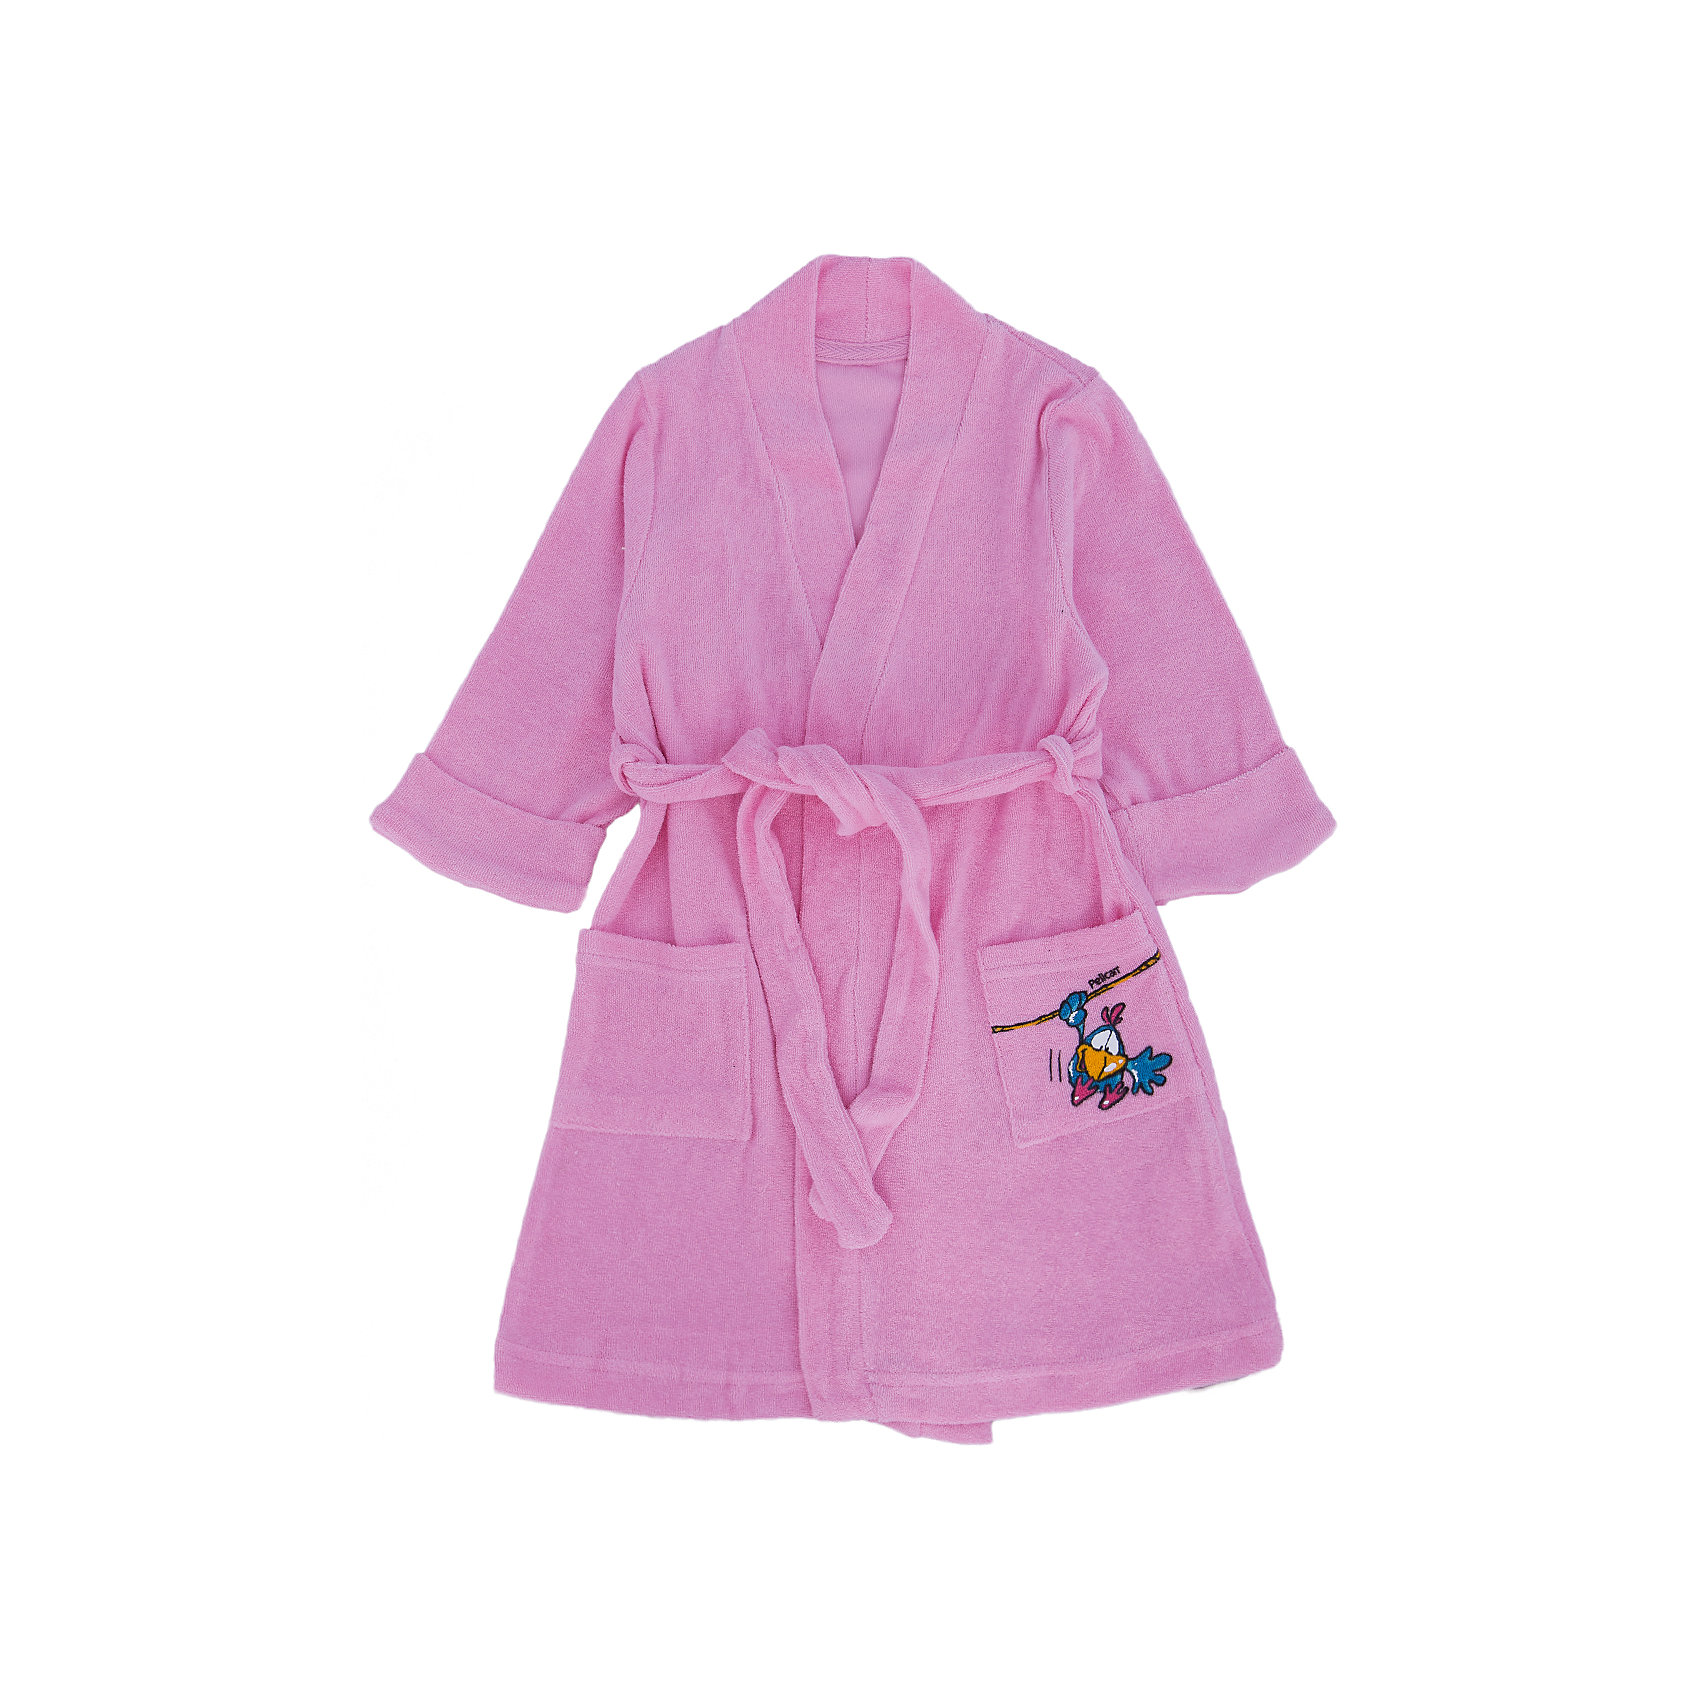 Халат для девочки PELICANХалаты<br>Комфортный симпатичный халат - отличный вариант для домашней одежды девочки. Удобный крой и качественный материал обеспечат ребенку комфорт при ношении этих вещей. <br>Материал халата - мягкий и приятный на ощупь. Завязывается изделие с помощью широкого пояса. Декорирована модель небольшим ярким принтом на кармане. Материал  состоит преимущественно из дышащего натурального хлопка. <br><br>Дополнительная информация:<br><br>материал:  93% хлопок, 7% эластан;<br>цвет: розовый;<br>карманы;<br>принт.<br><br>Халат для девочки от бренда PELICAN (Пеликан) можно купить в нашем магазине.<br><br>Ширина мм: 143<br>Глубина мм: 20<br>Высота мм: 234<br>Вес г: 253<br>Цвет: розовый<br>Возраст от месяцев: 18<br>Возраст до месяцев: 24<br>Пол: Женский<br>Возраст: Детский<br>Размер: 92,104,98<br>SKU: 4804966